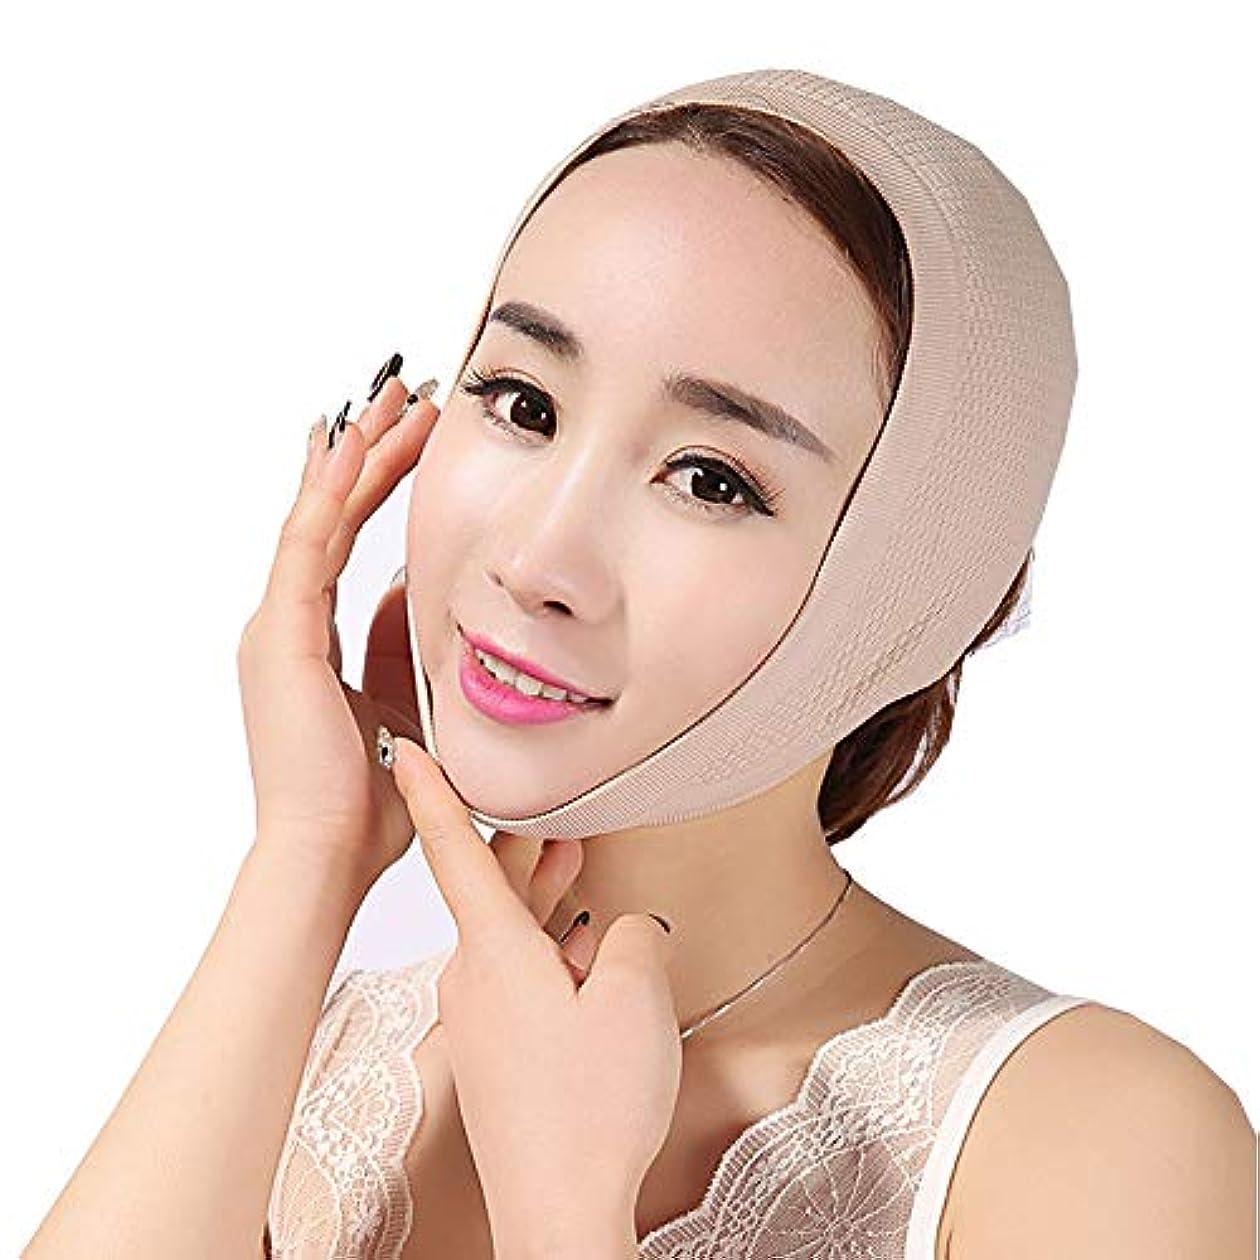 溶けたエールお金GYZ フェイスマスクで眠る薄い顔フェイスリフトフェイスリフトアーティファクトスモールフェイスVフェイスリフト付きフェイスフェイス包帯引き上げジョーセット Thin Face Belt